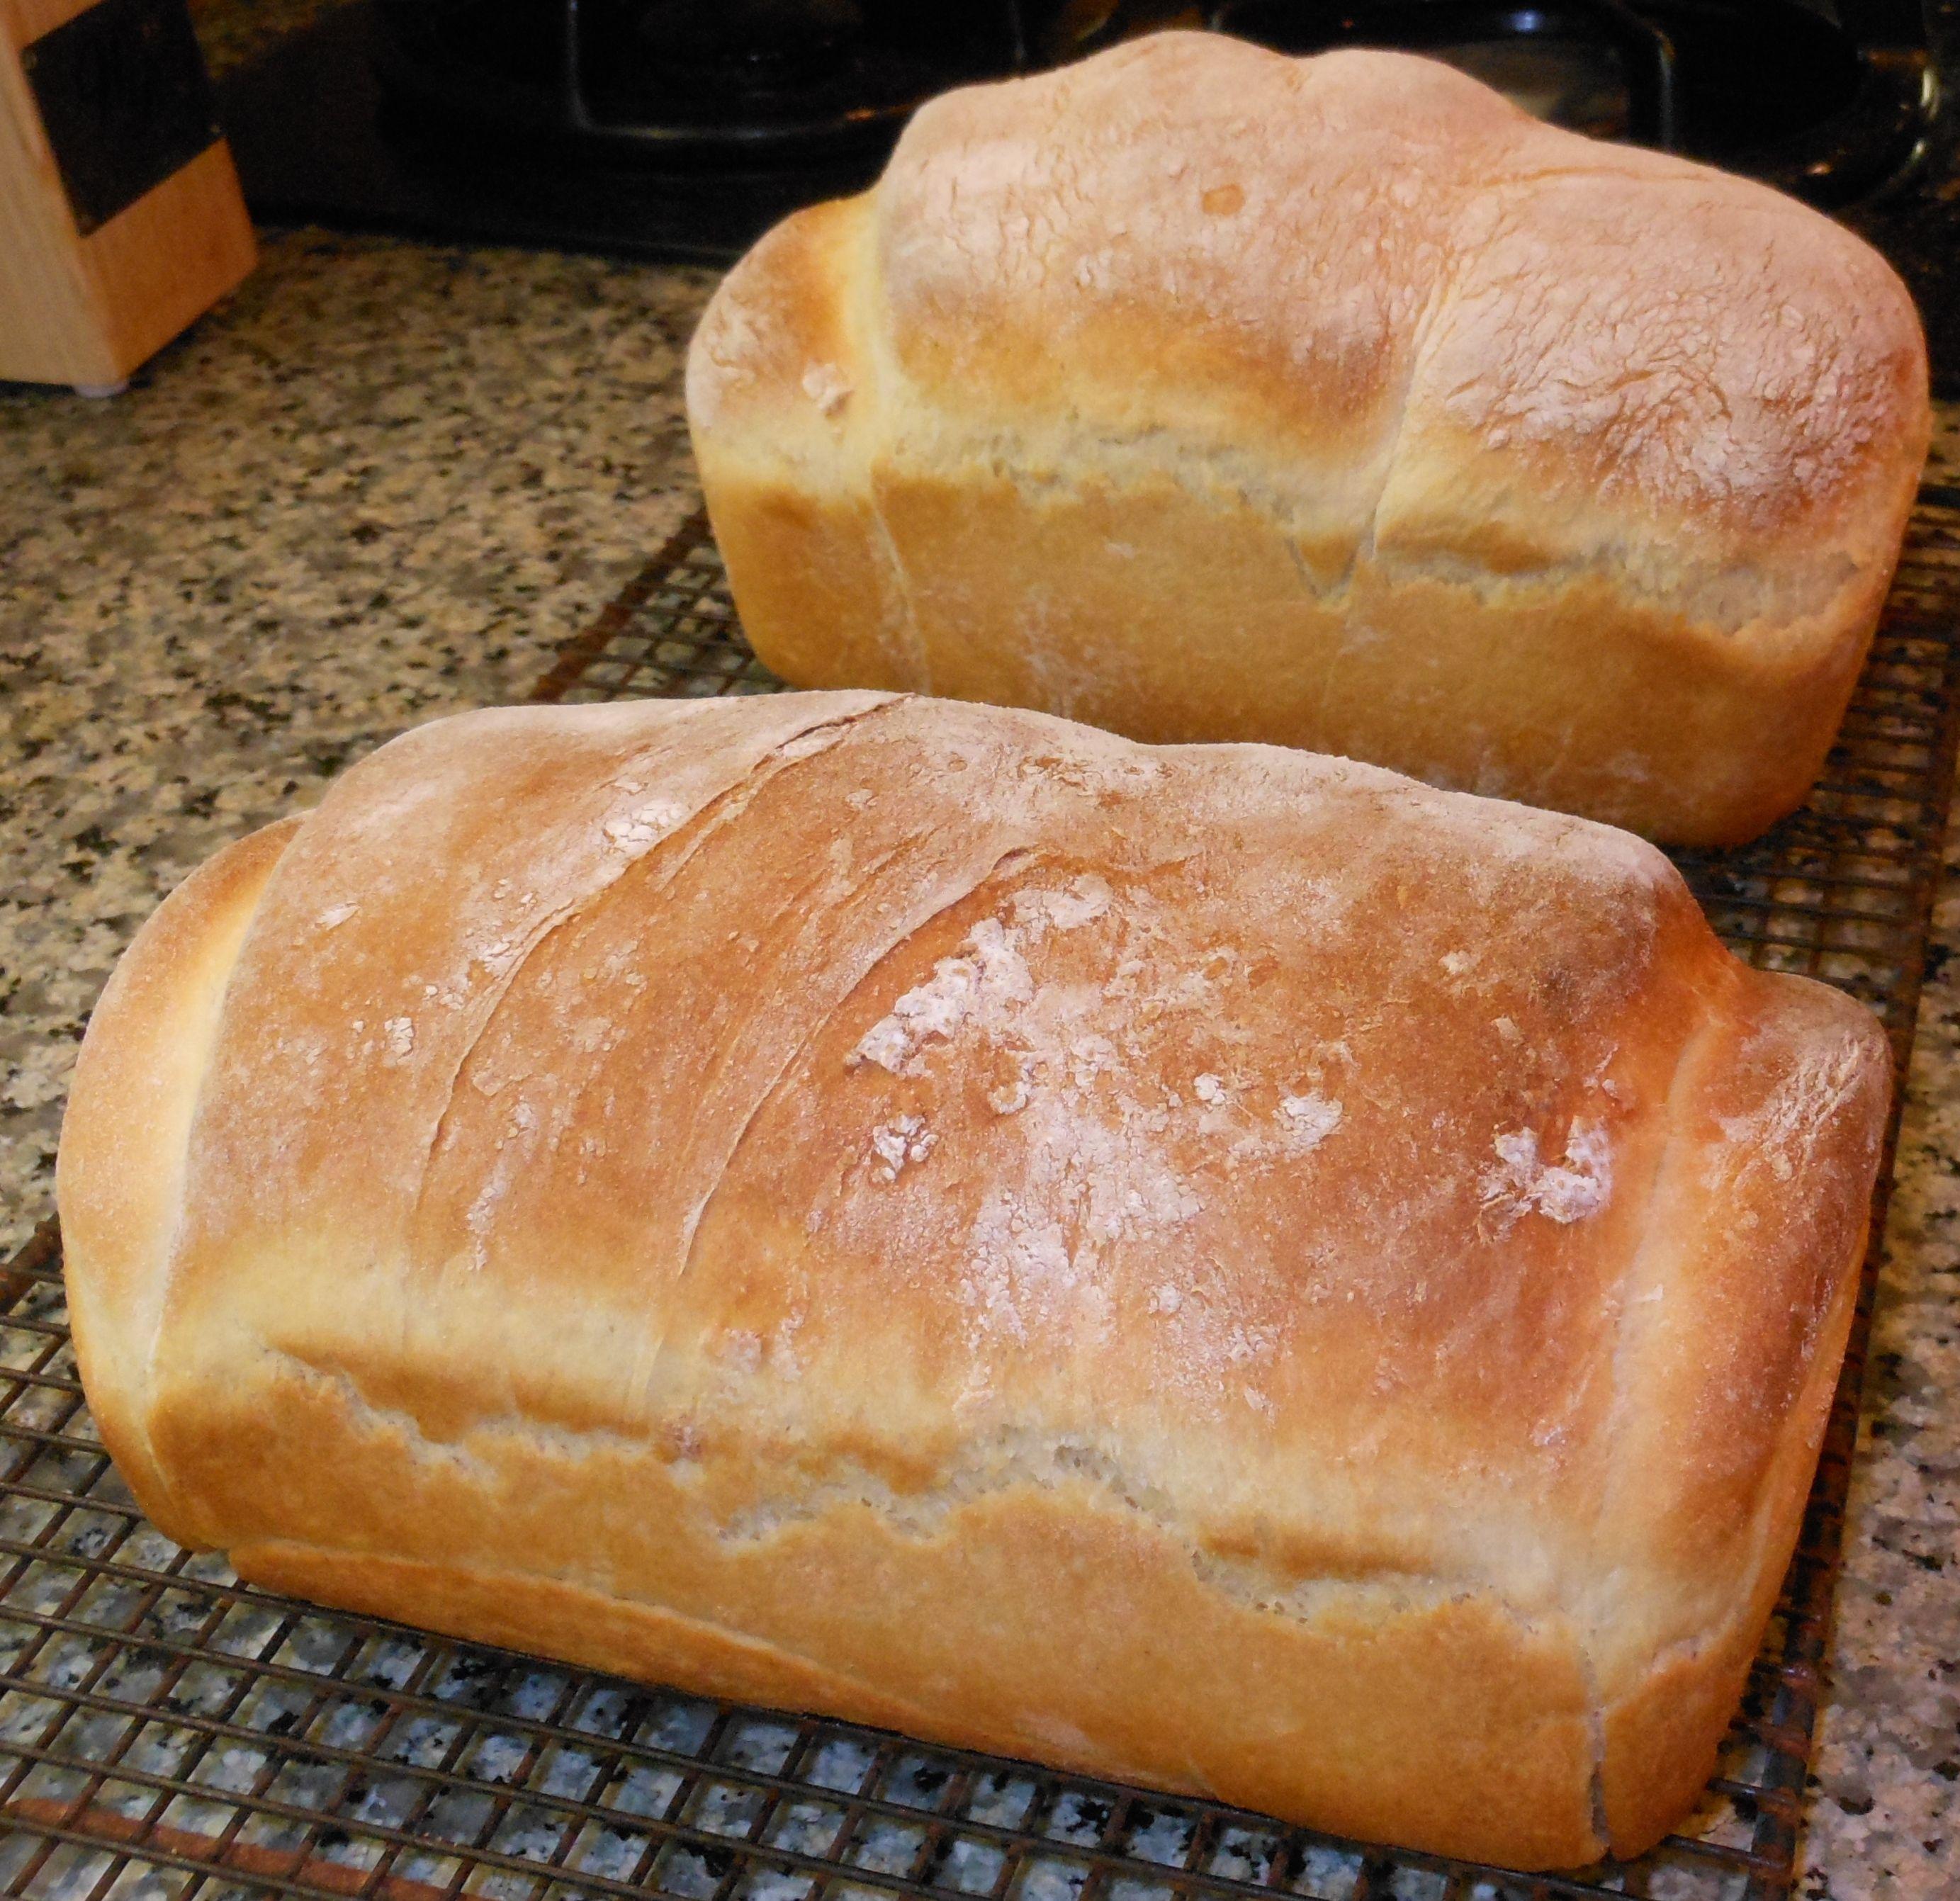 Easy Peasy Bread 2.0 | Homemade bread, Homemade baked ...